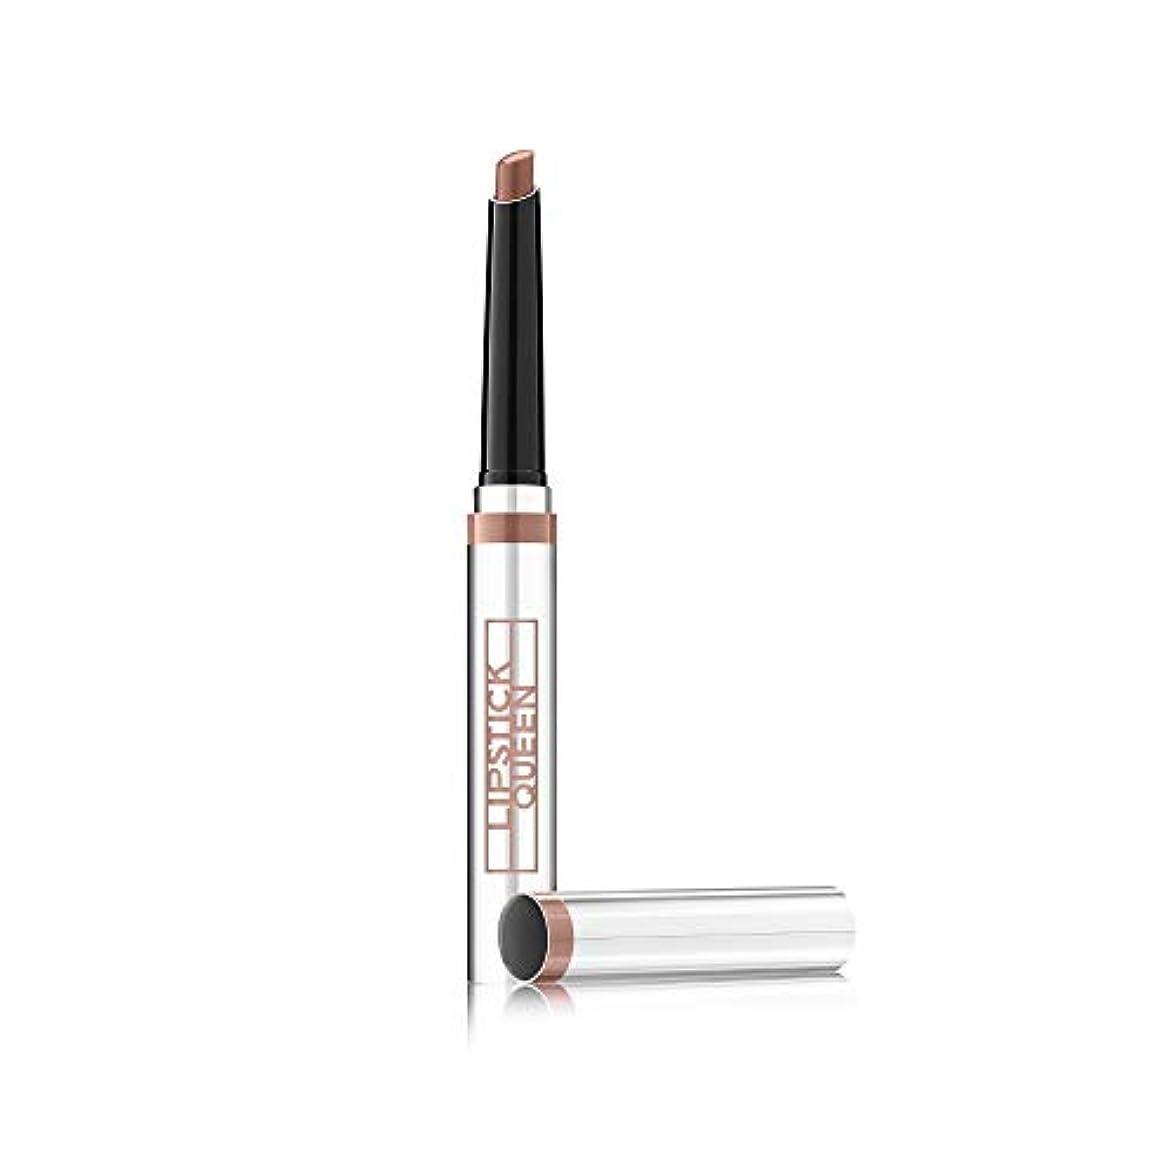 方程式始める高価なリップスティック クィーン Rear View Mirror Lip Lacquer - # Little Nude Coupe (A Pinky Beige Nude) 1.3g/0.04oz並行輸入品